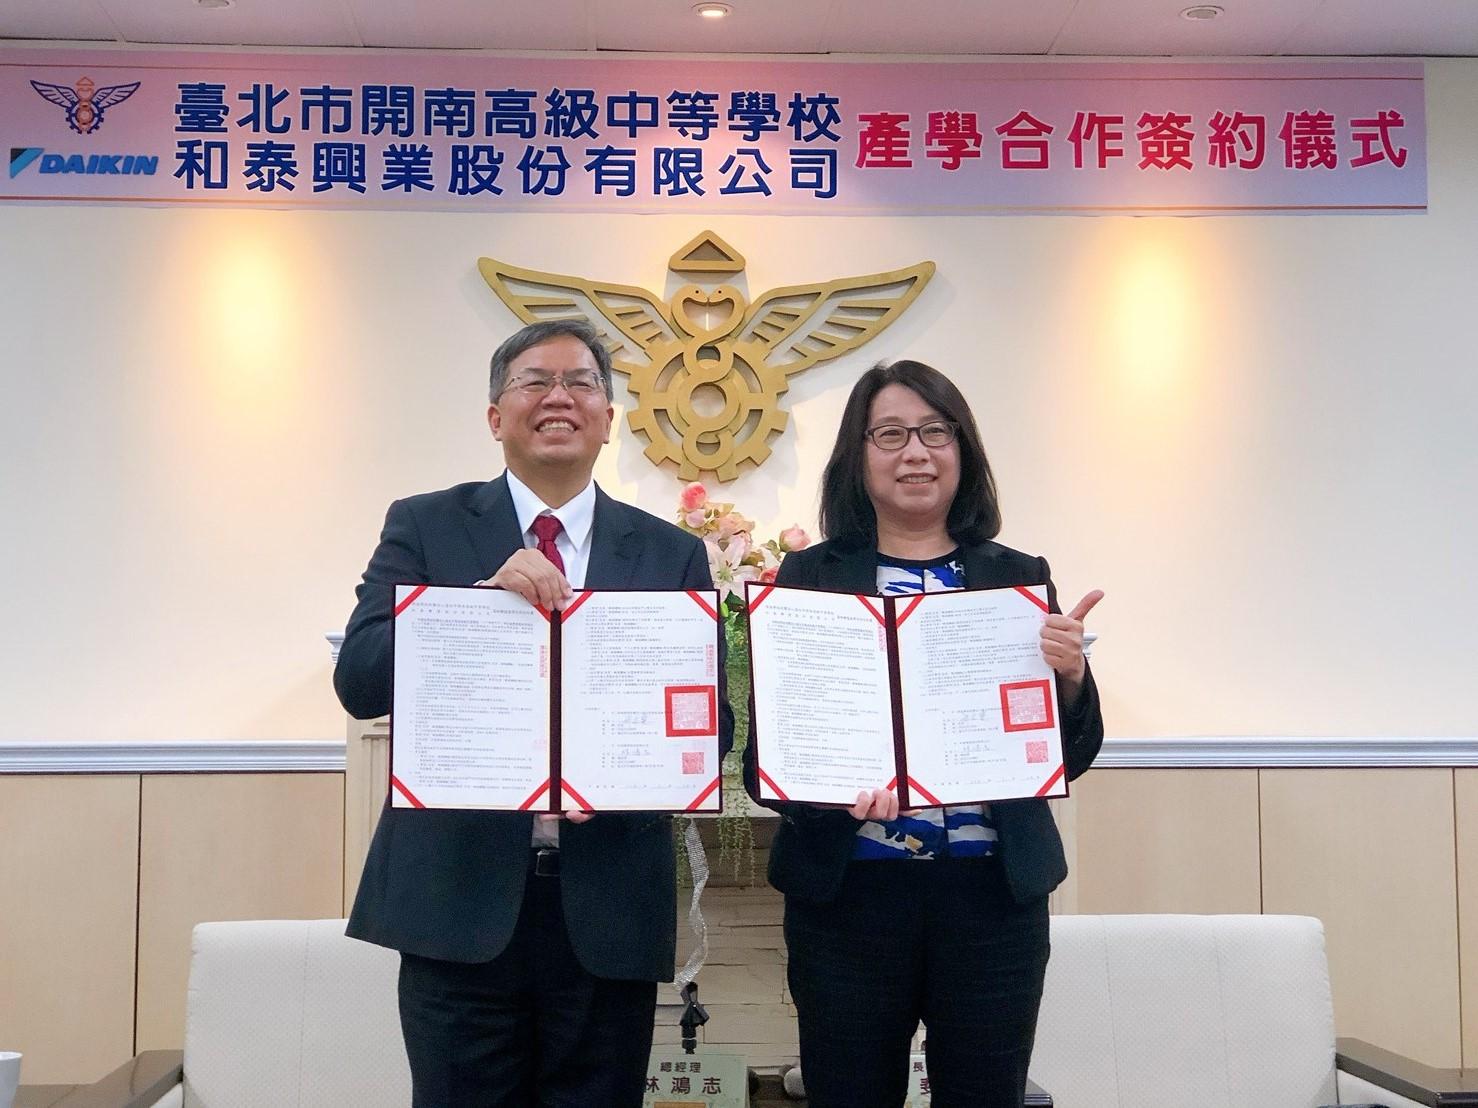 和泰大金空調總經理林鴻志(左)與開南高中校長邢文斐於產學合作簽約合影。